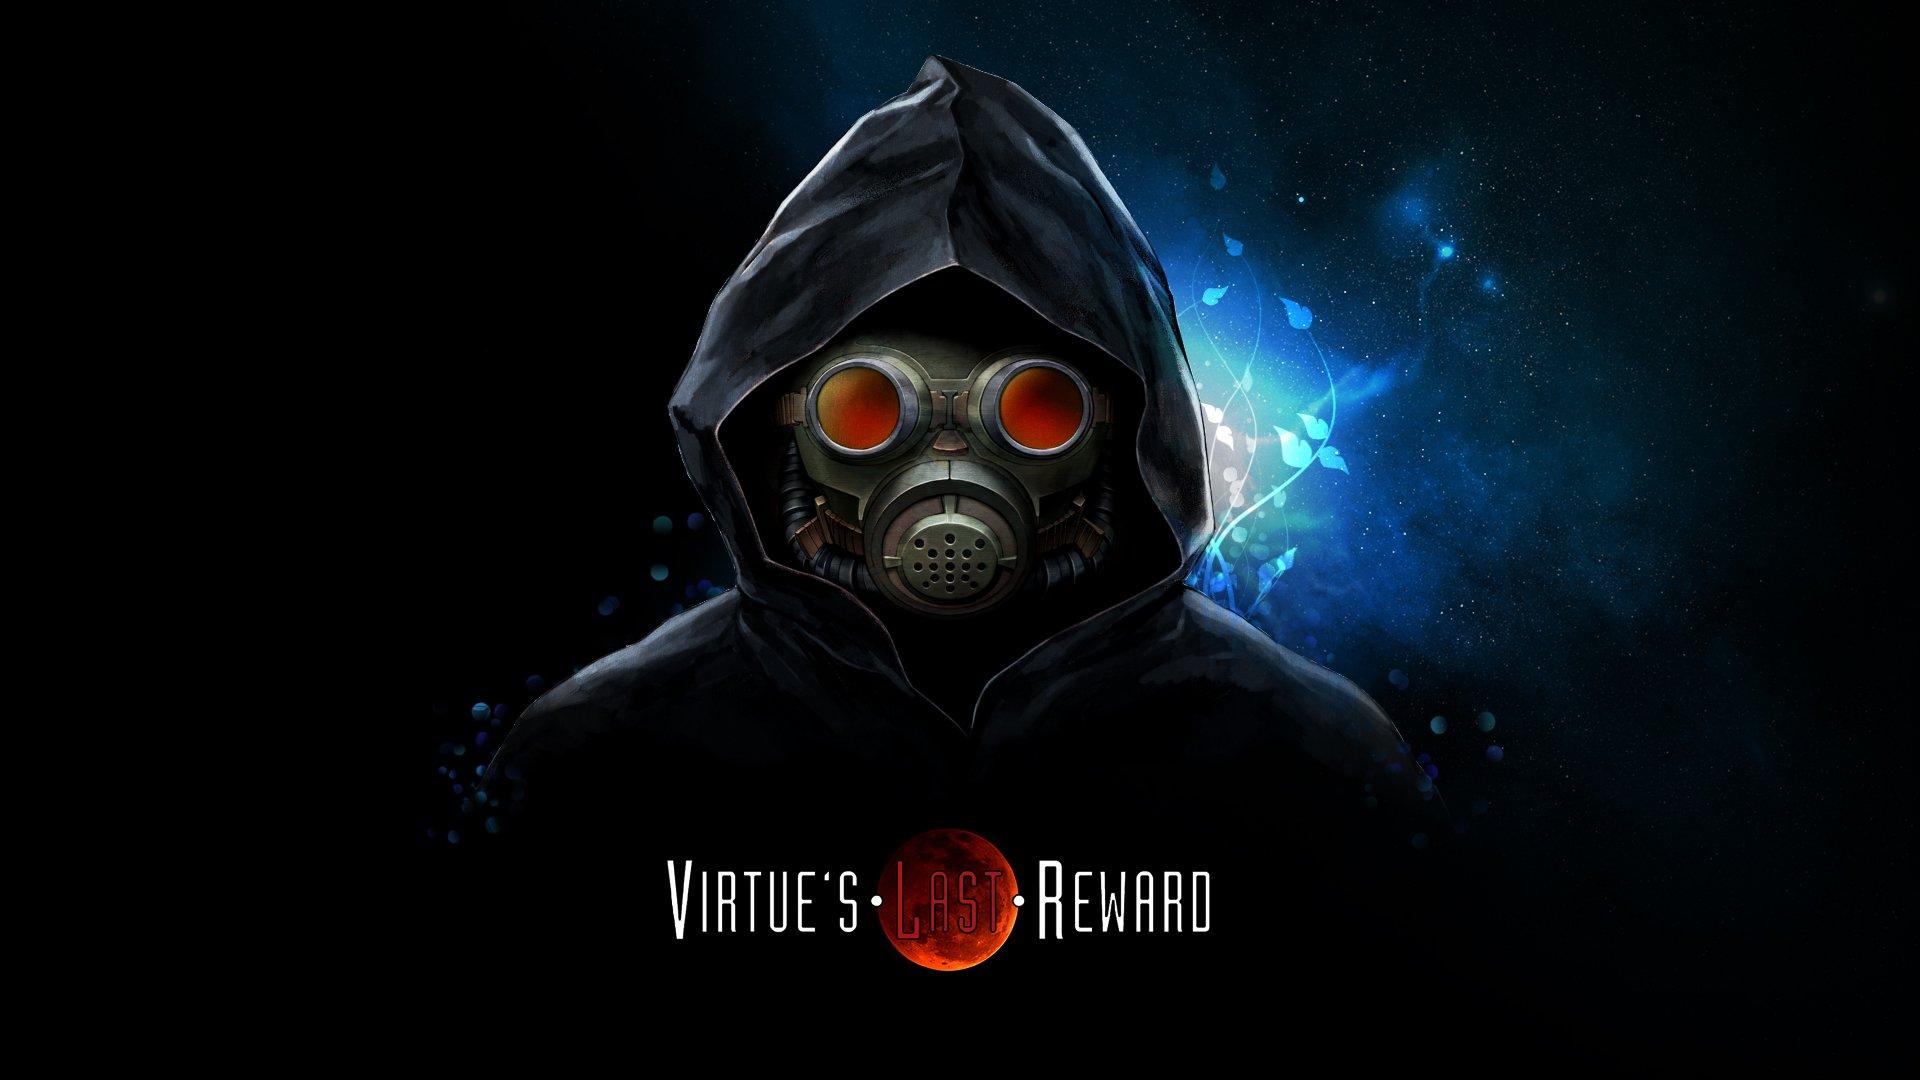 В Playstation Plus попала одна из лучших игр для PS Vita - Zero Escape VLR. Школьники залили группы ВК и тематически ... - Изображение 1